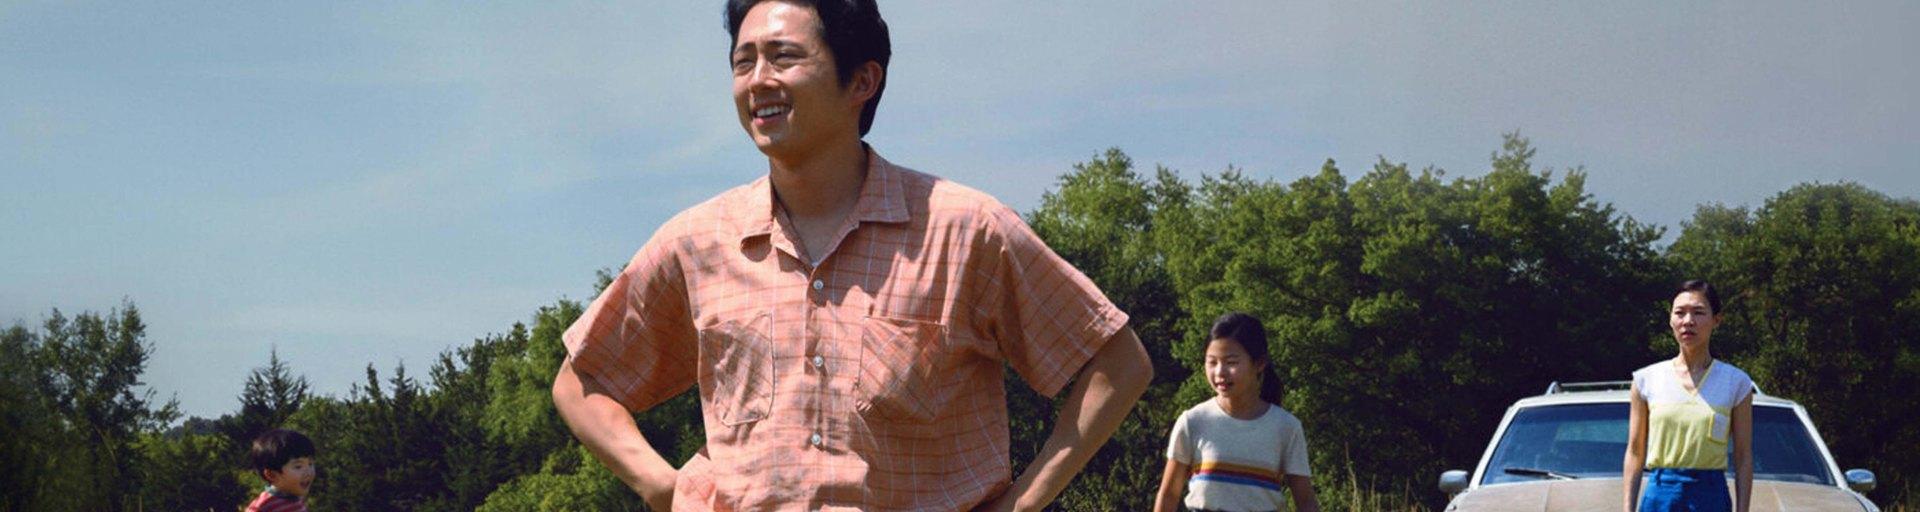 «Минари» — американский фильм корейского происхождения инестандартный номинант на«Оскар»